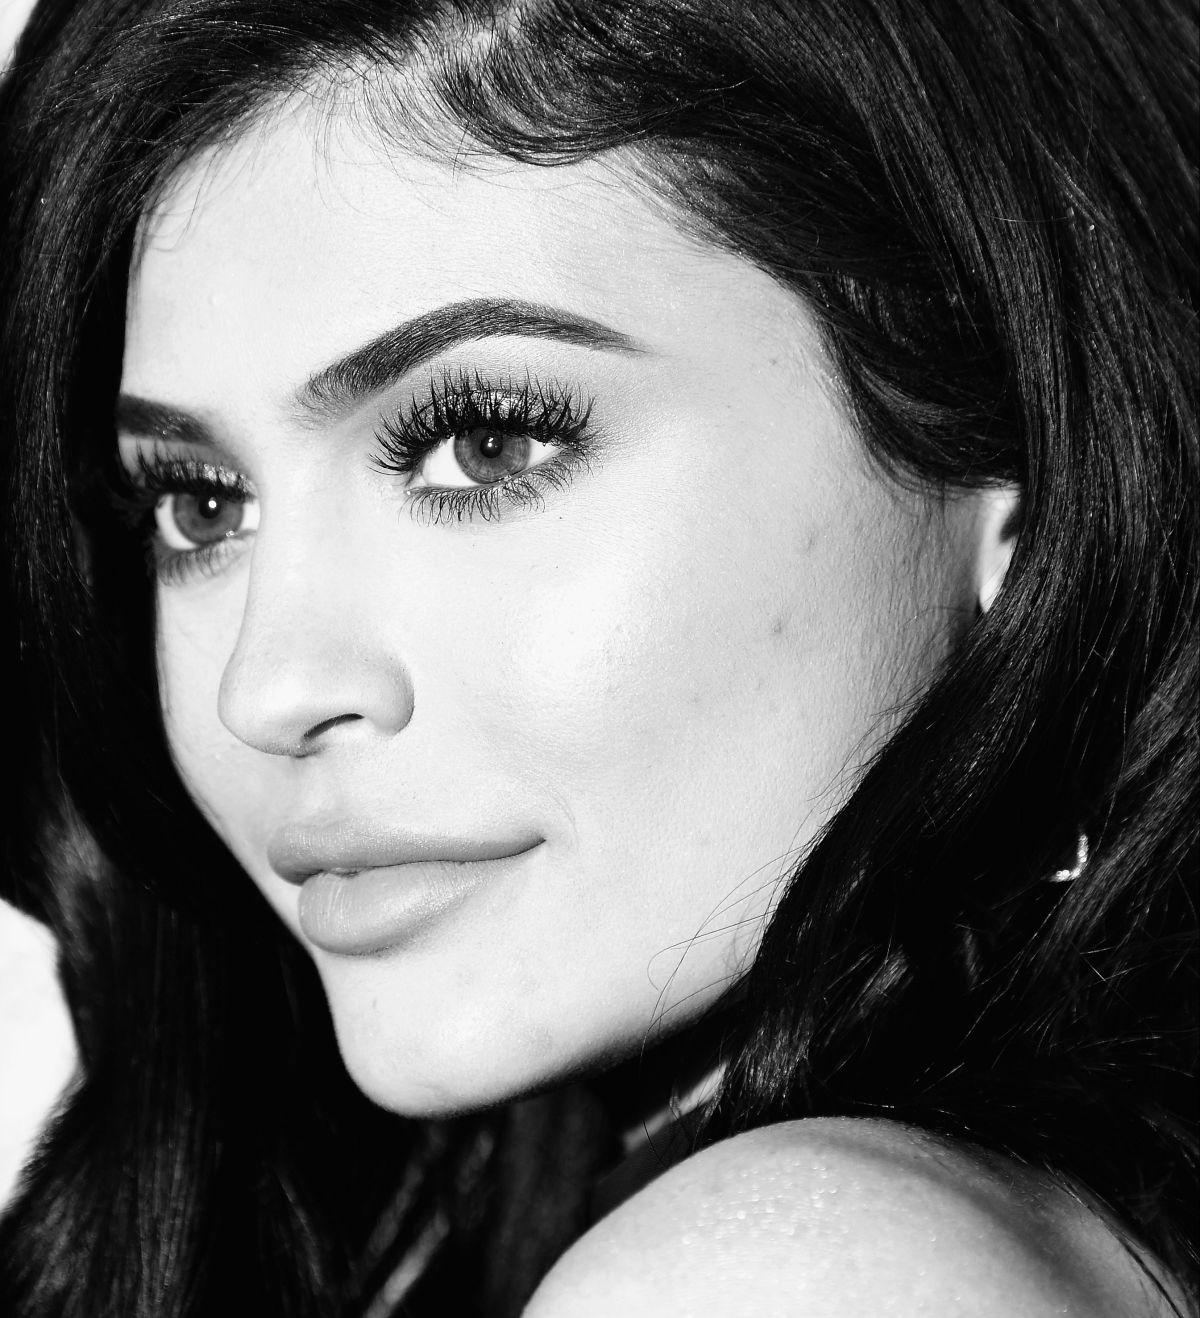 Kylie Jenner abandona fiesta Navideña de su clan, para irse a dormir con su pequeña Stormi